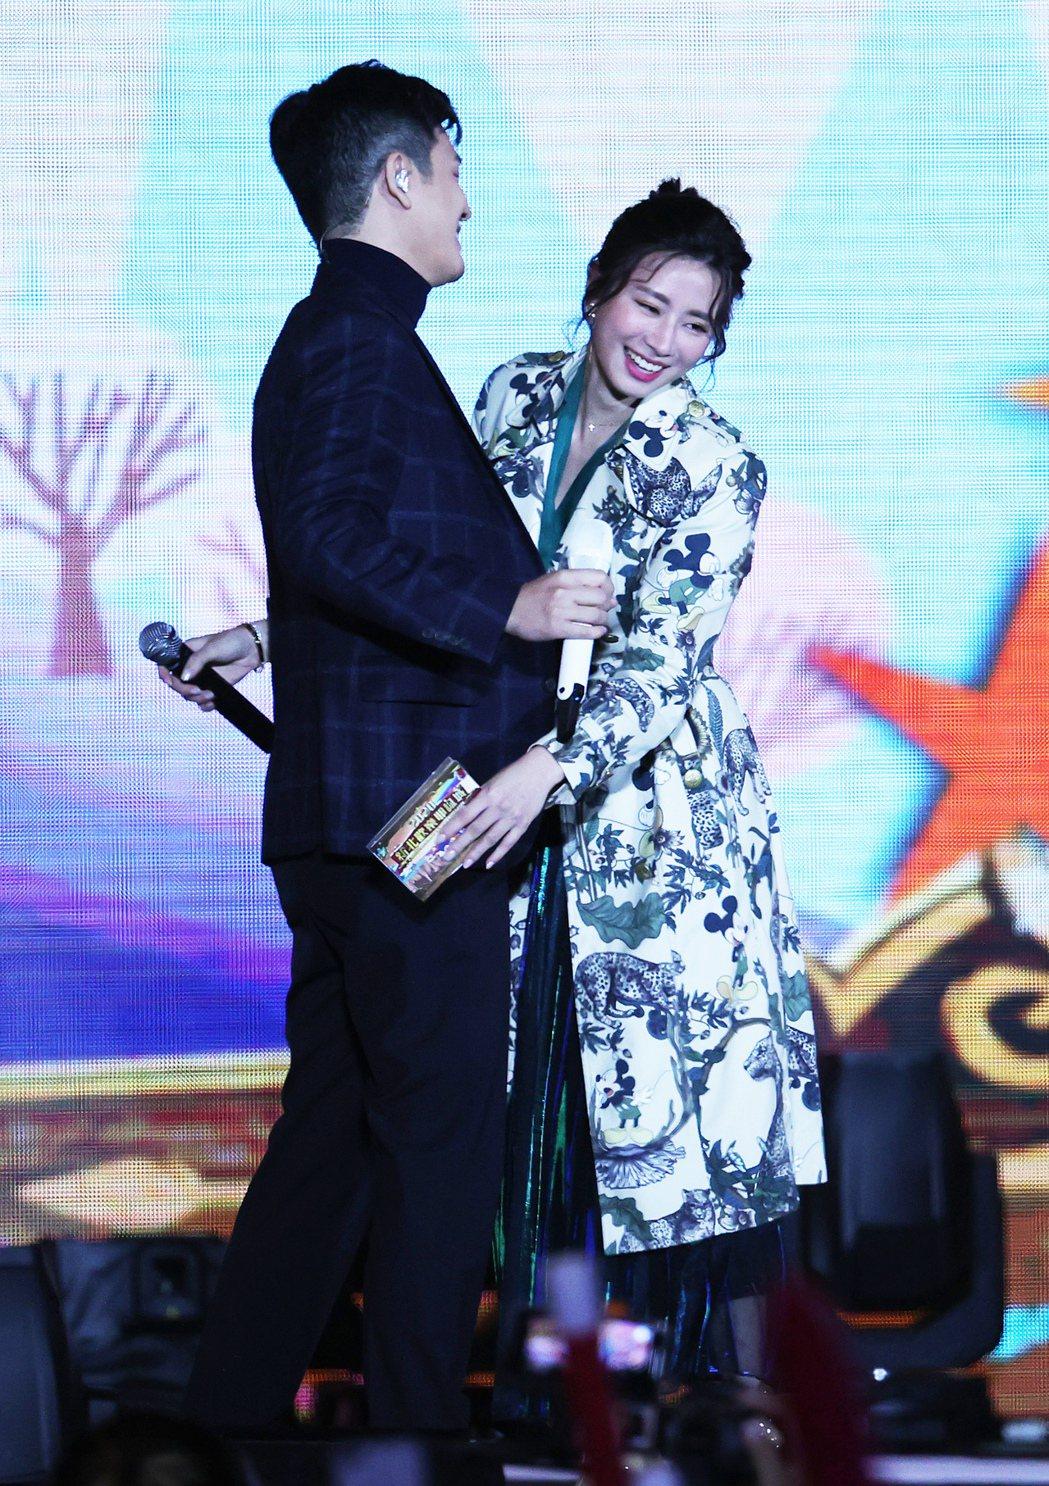 新北耶誕城演唱會,歌手周興哲(左)與舊愛主持人趙岱新(右)在舞台上相互擁抱致意。...